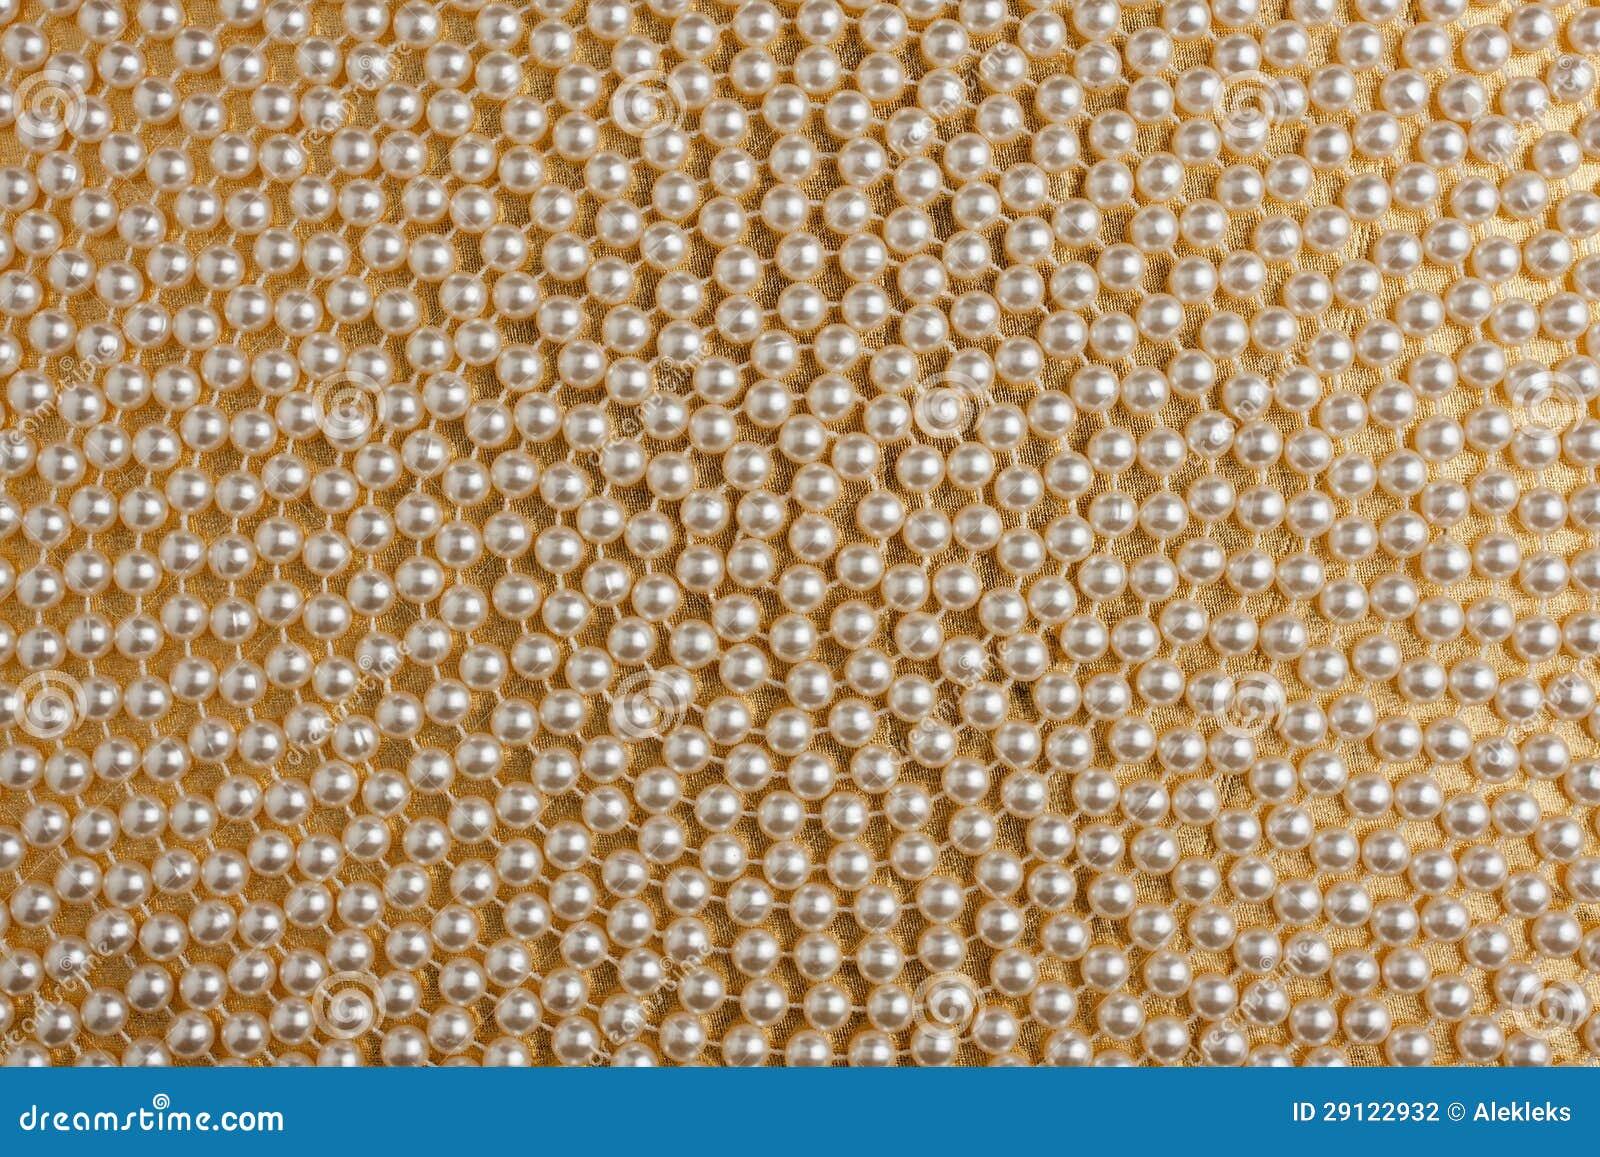 Espiral dos grânulos brancos